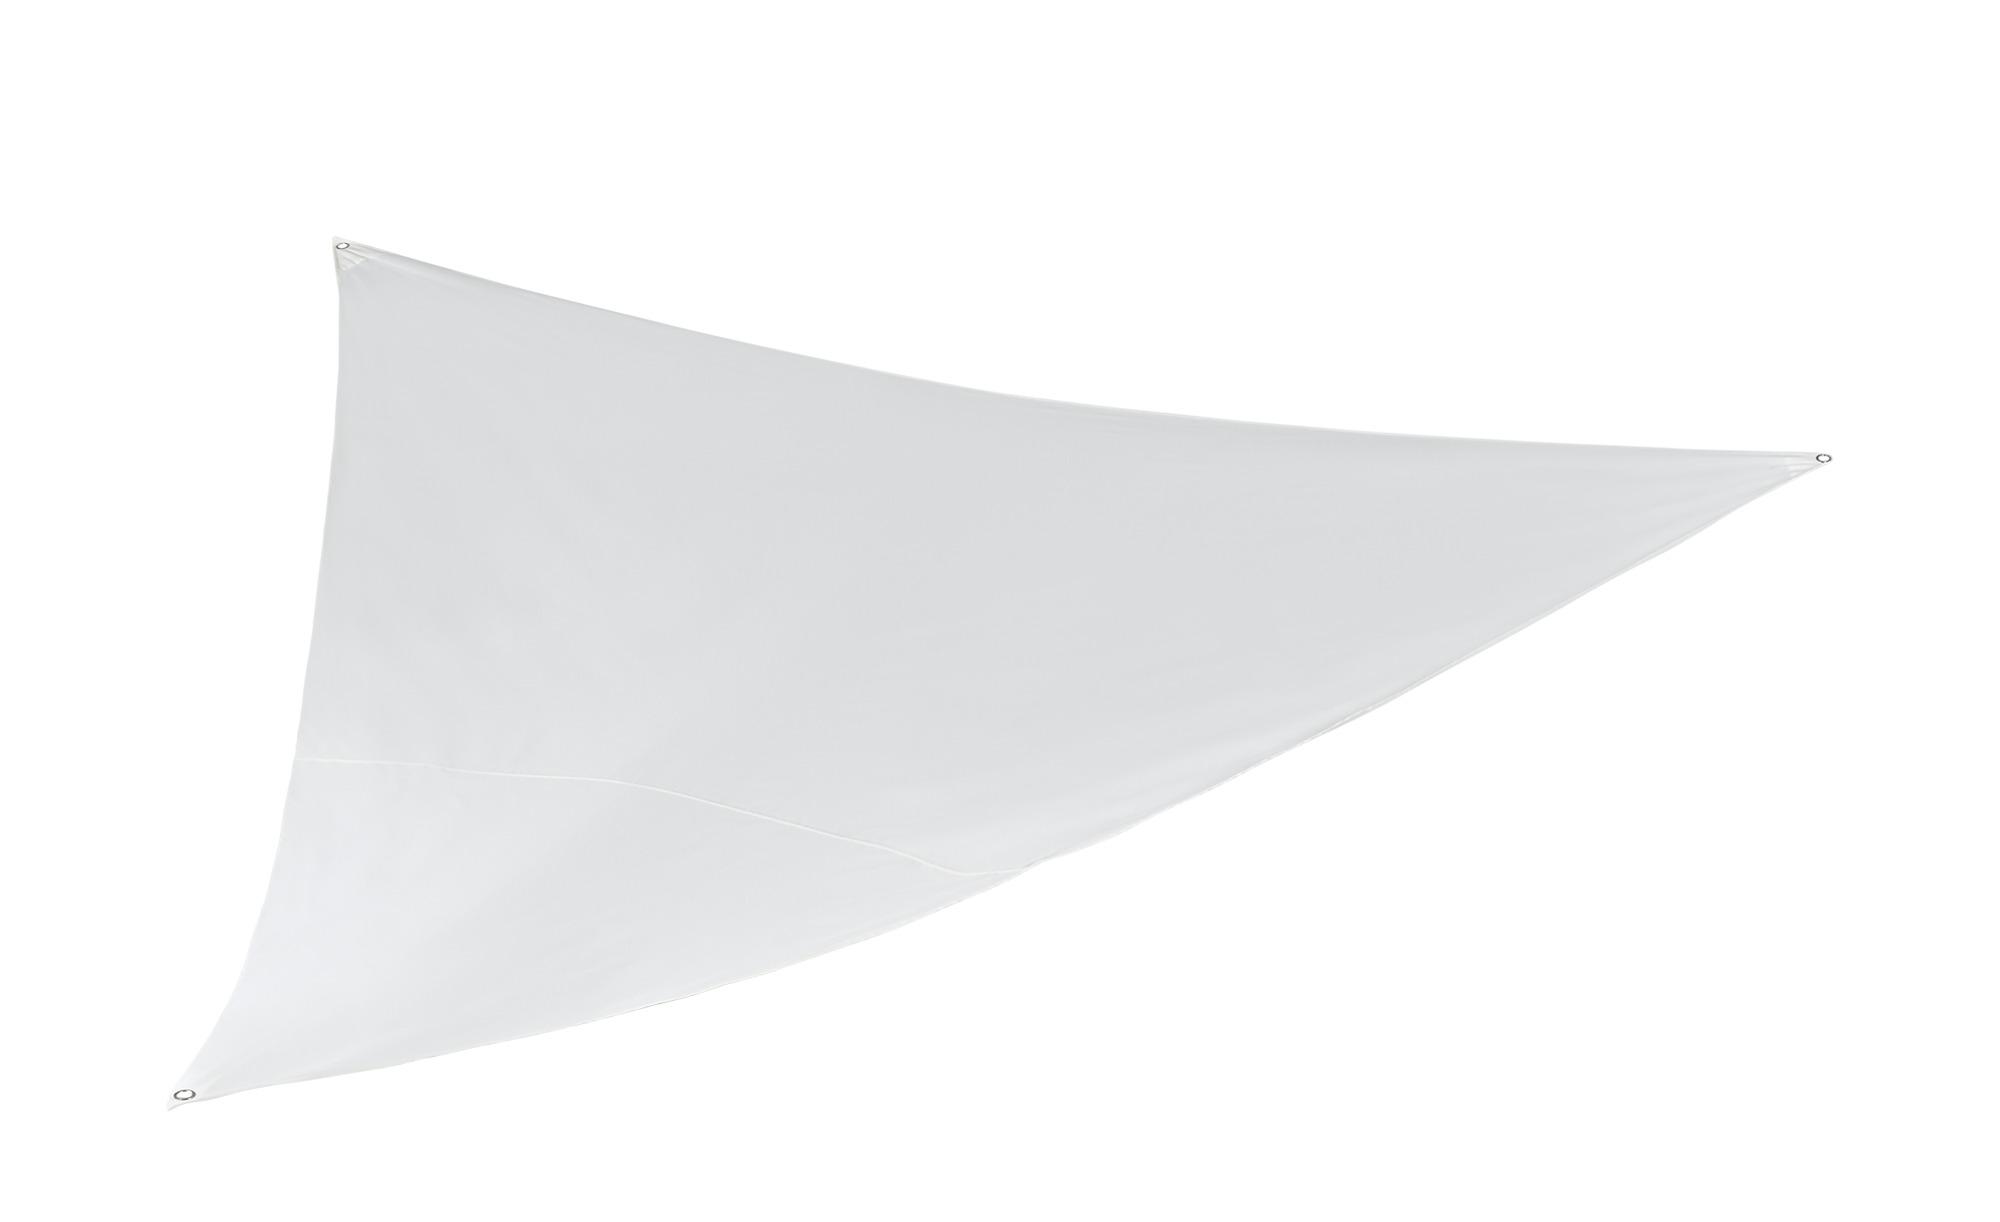 GO-DE Sonnensegel| 3-eckig  Sonne ¦ weiß ¦ Maße (cm): B: 360 T: 360 Garten > Sonnenschutz > Sonnenschirme - Höffner | Garten > Sonnenschirme und Markisen > Sonnensegel | Möbel Höffner DE